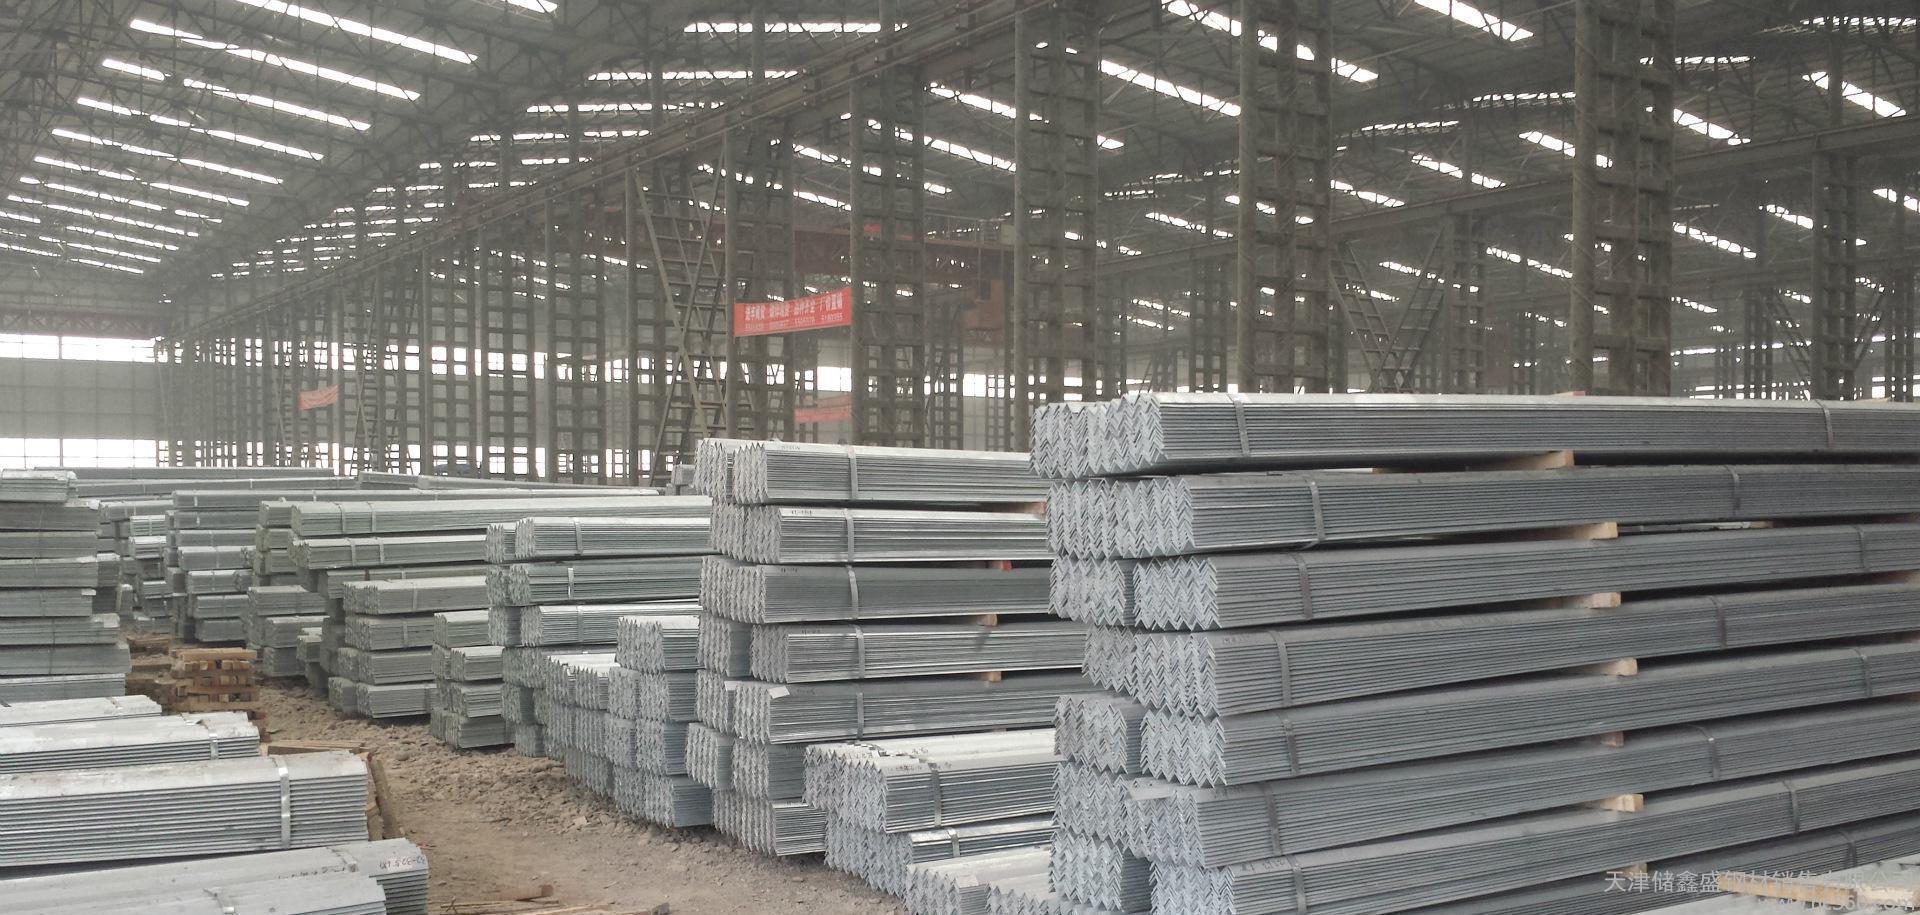 福建钢材价格短期将继续下跌延续弱势